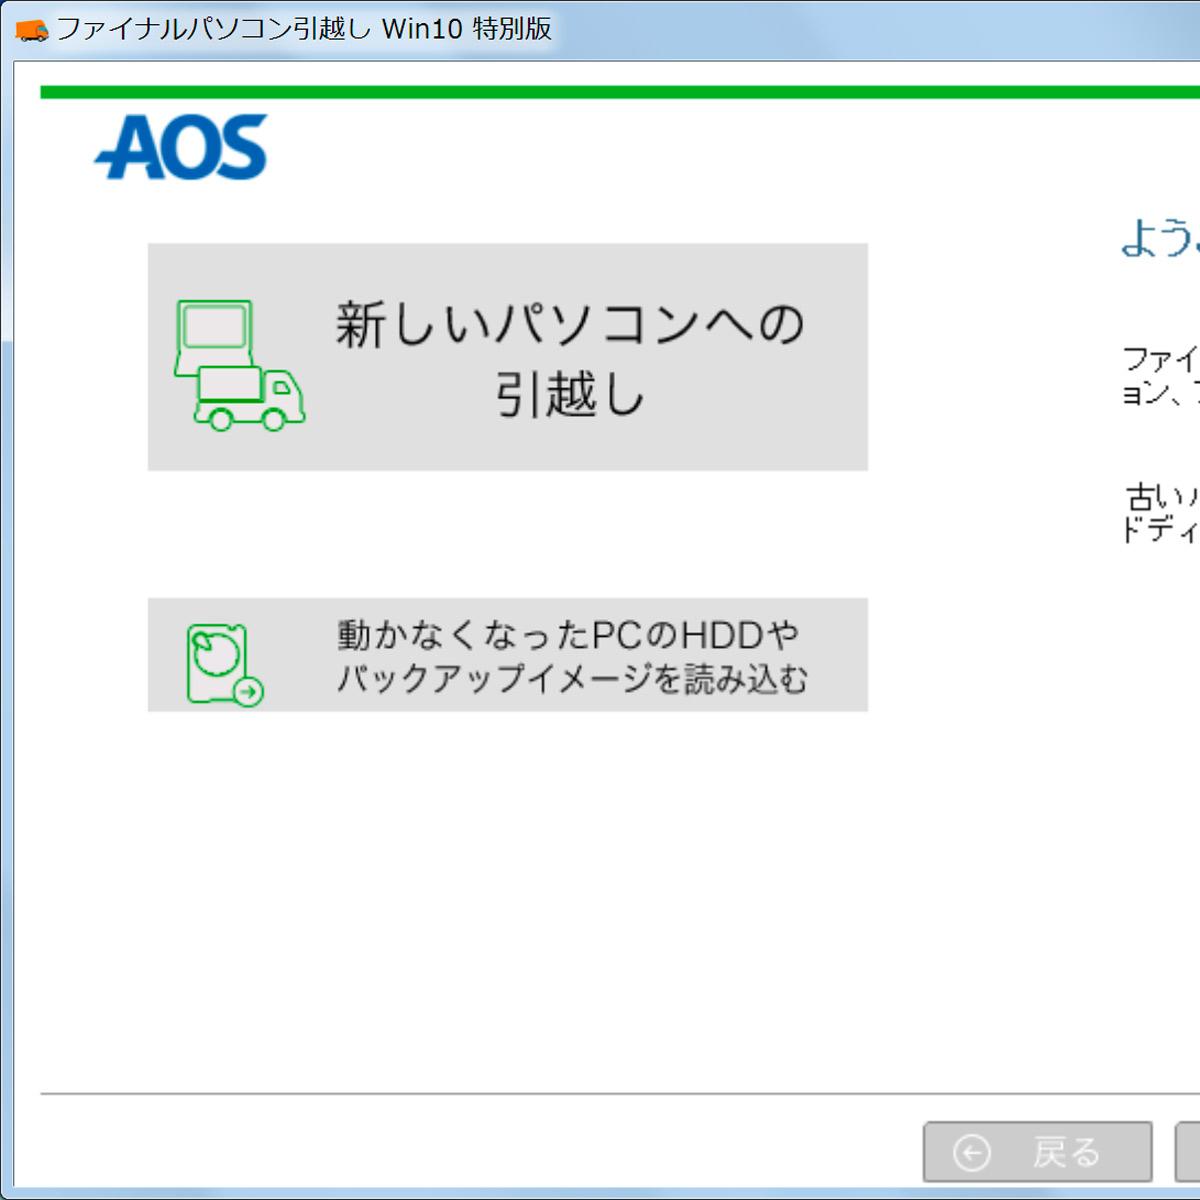 Windows 7の延長サポート終了に備える(第6回) Windows 10搭載パソコンを購入する